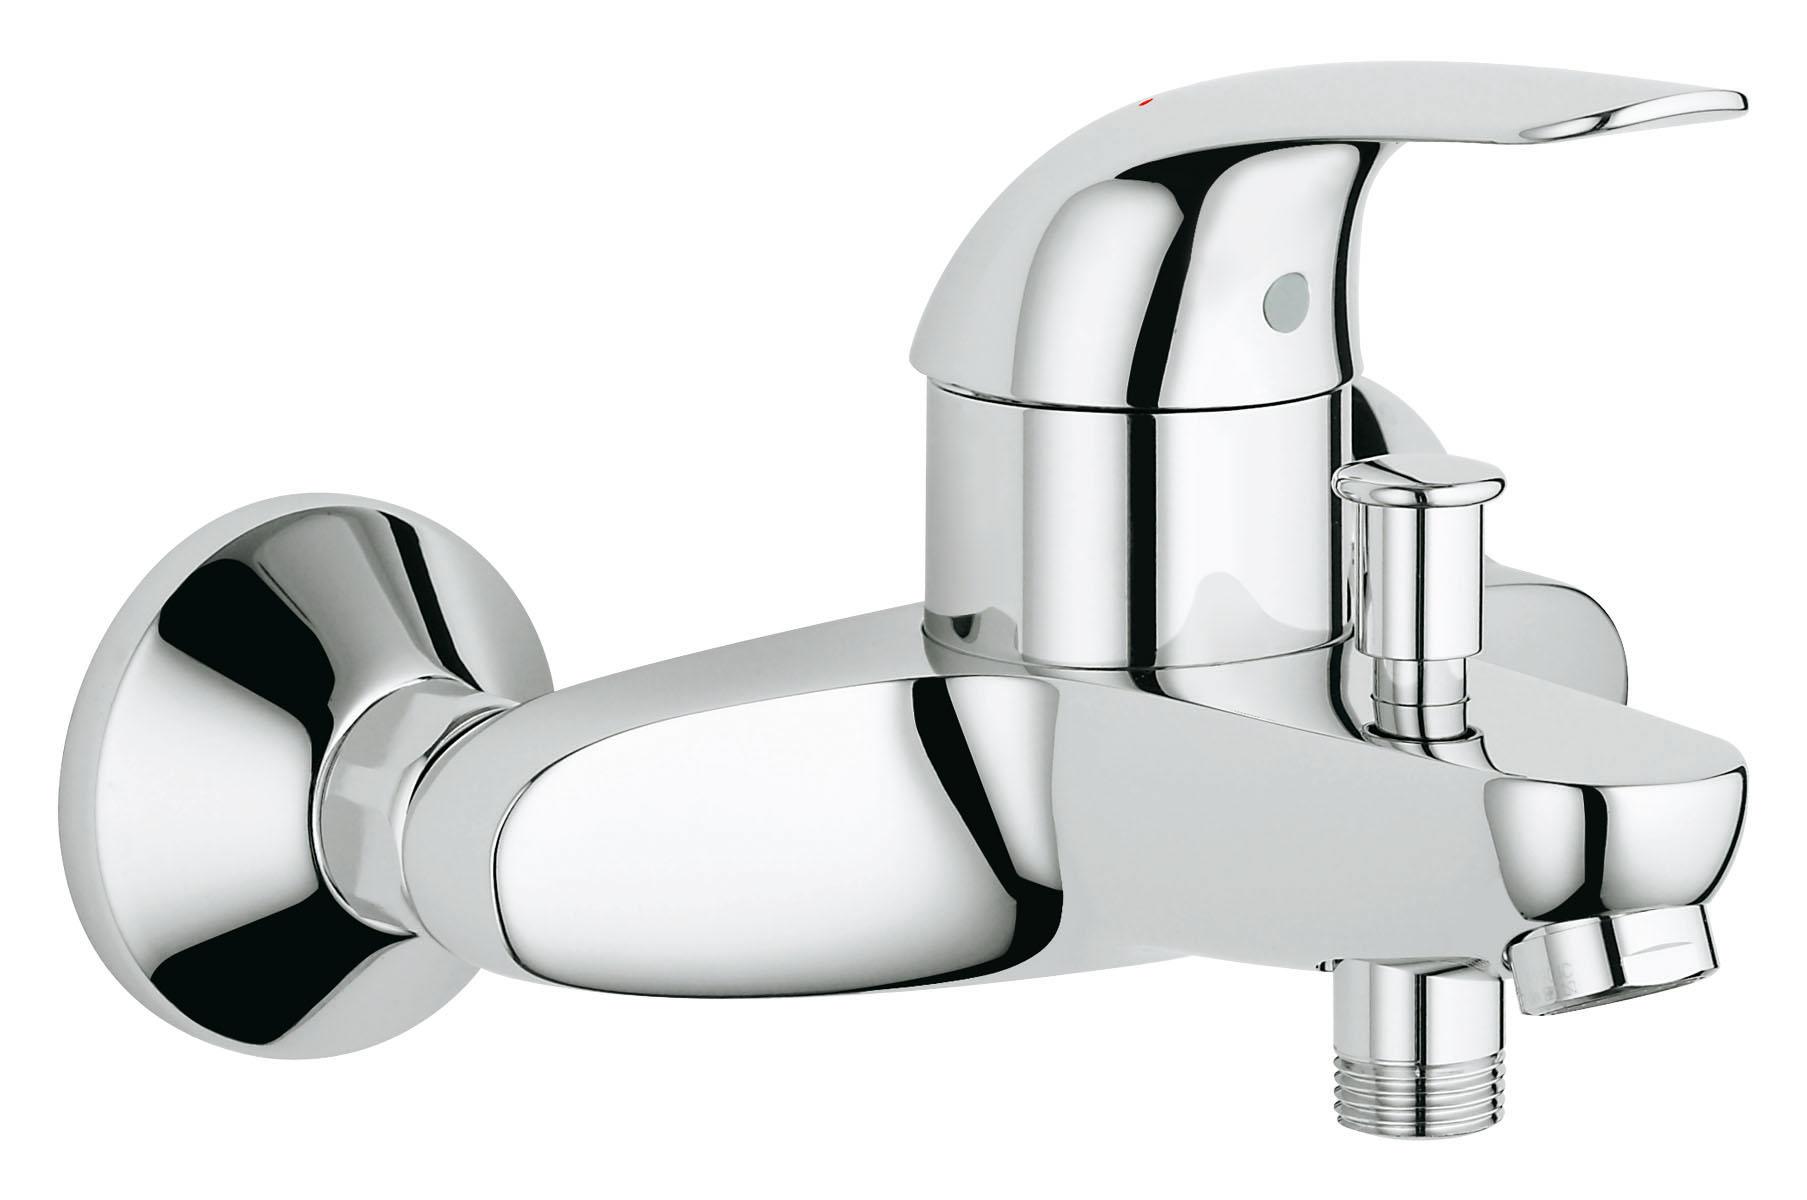 Смеситель для ванны GROHE Euroeco (32743000)32743000настенный монтаж металлический рычаг GROHE SilkMove керамический картридж диаметр 46 мм Grohe StarLight хромированная поверхность автоматический переключатель: ванна/душ встроенный обратный клапан в душевом отводе 1/2; аэратор скрытые S-образные эксцентрики отражатели из металла дополнительный ограничитель температуры (46 308 000) с защитой от обратного потока класс шума I по DIN 4109 Рекомендуем!